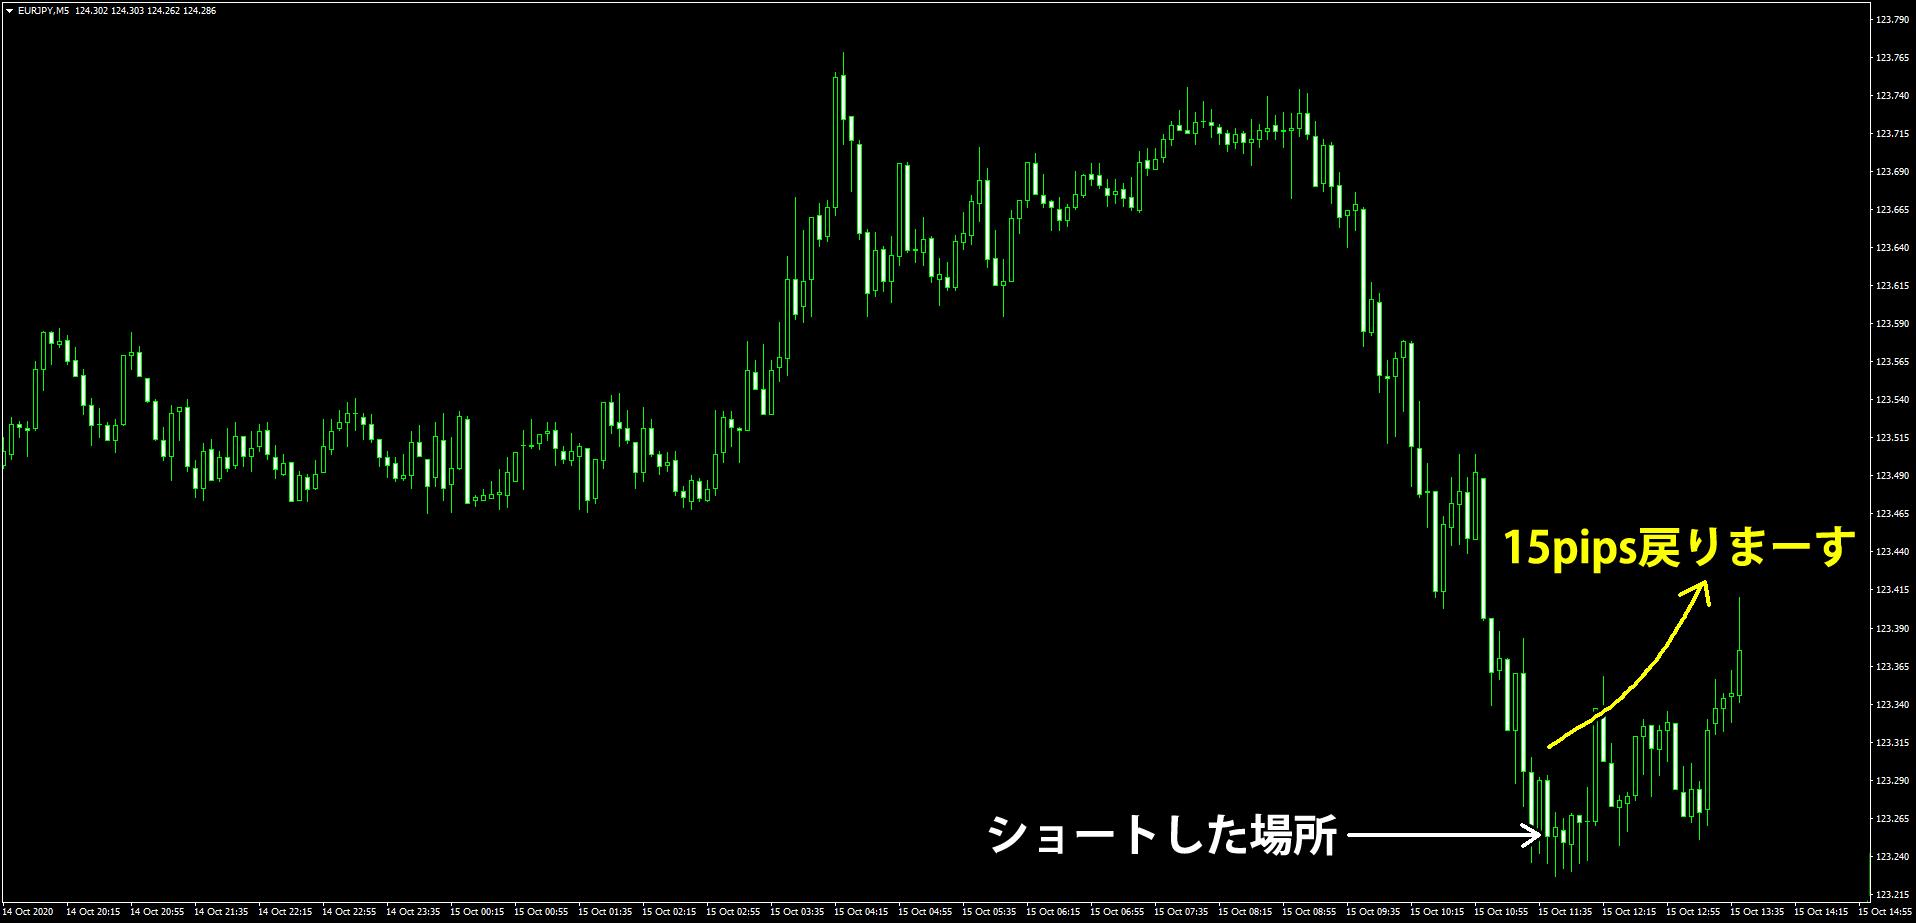 (サンプル)ユーロ円のショート後の逆行で損切り